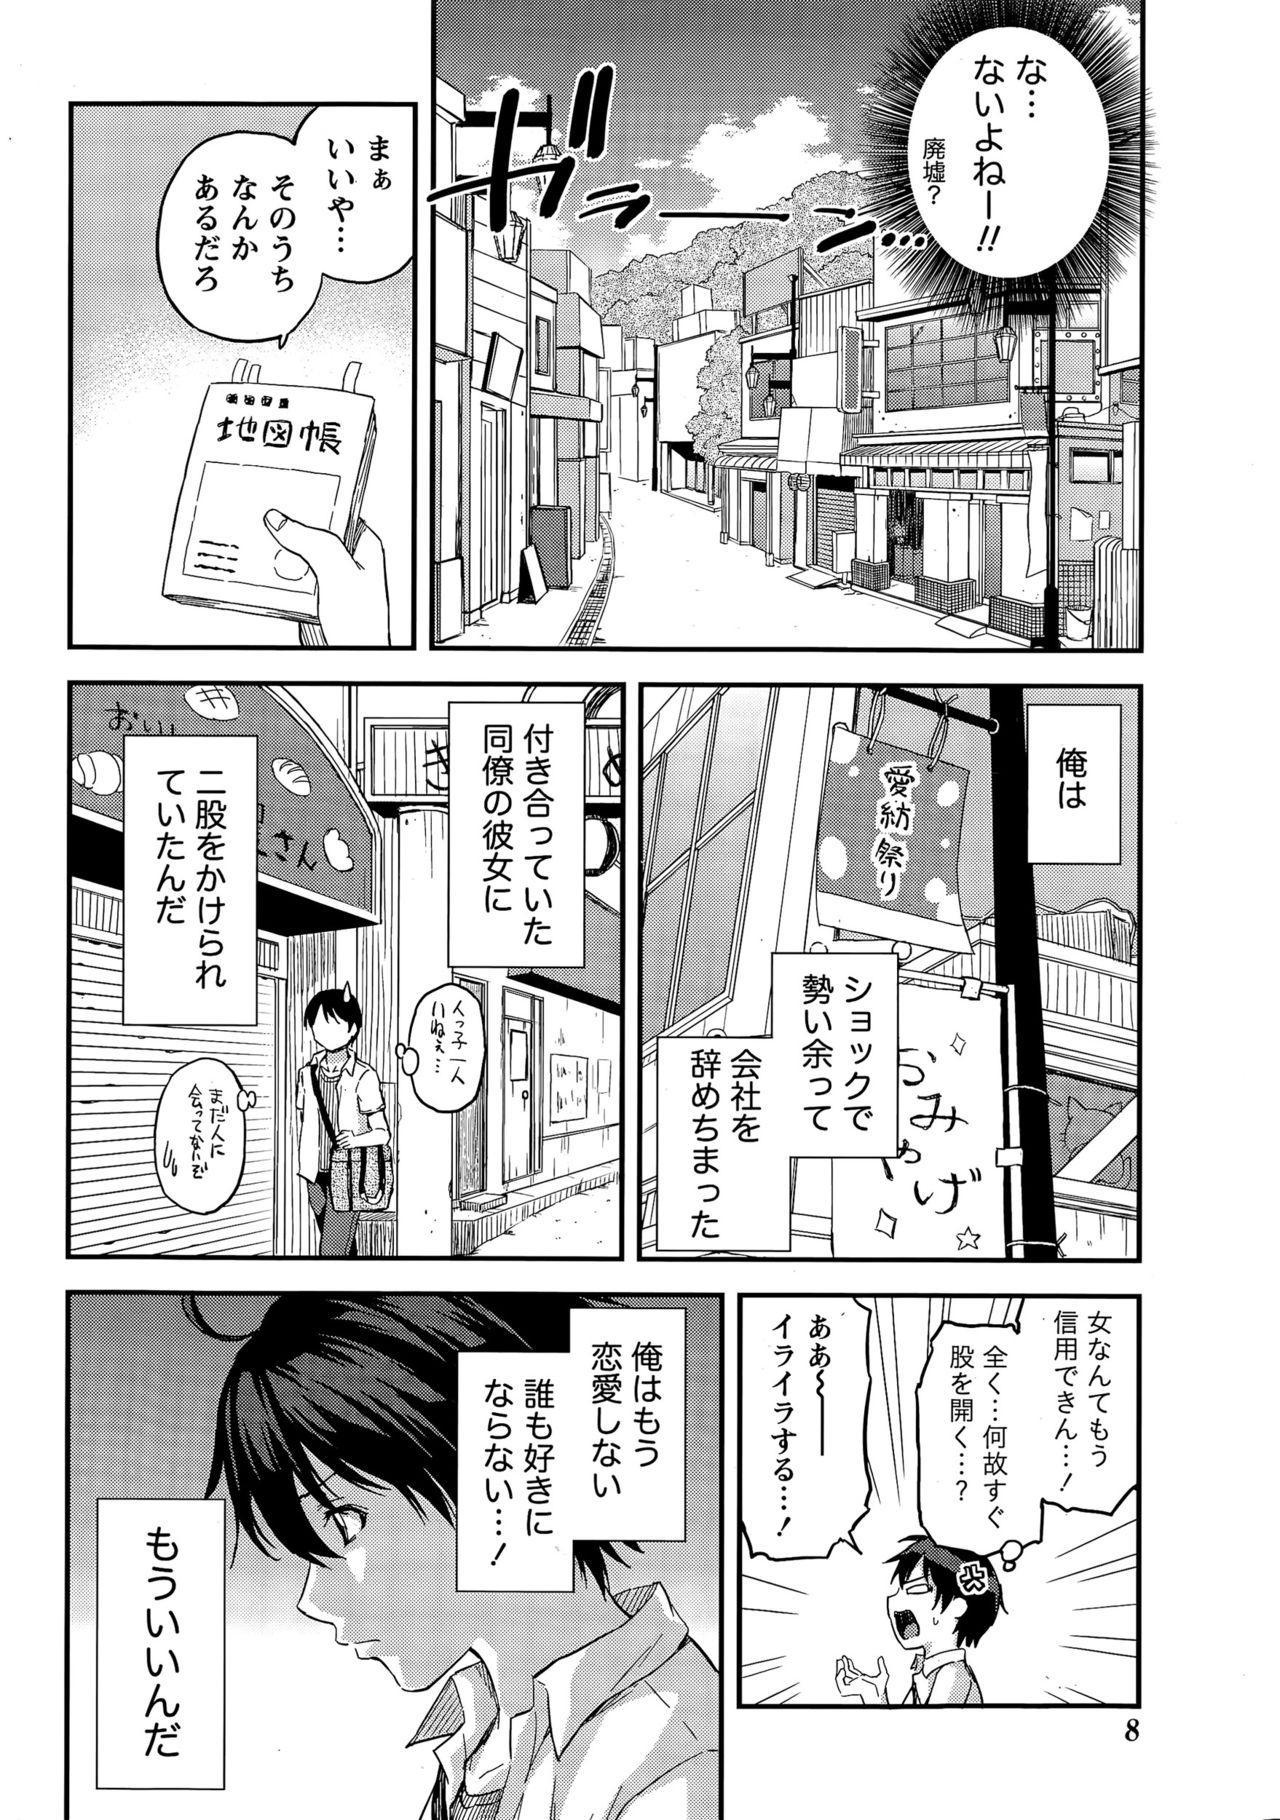 [Higashino Mikan] Atsumujima no Megumi-sama - Goddess of Atsumu-Island 5